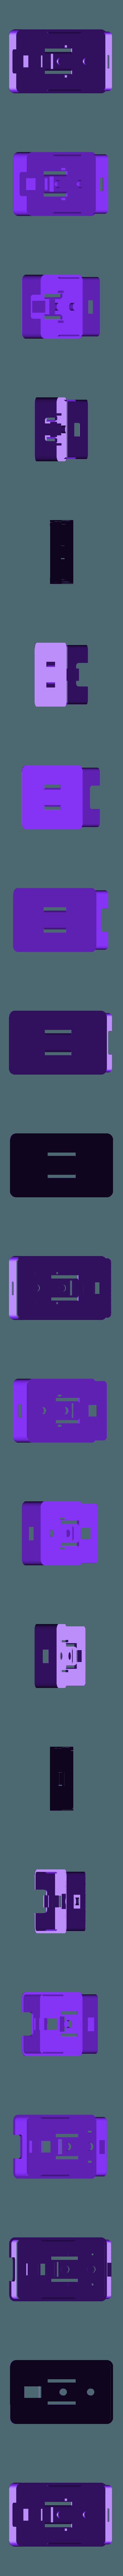 trampoline-case.stl Download free STL file LED Trampoline – NeoPixels and CircuitPython • 3D printer object, Adafruit